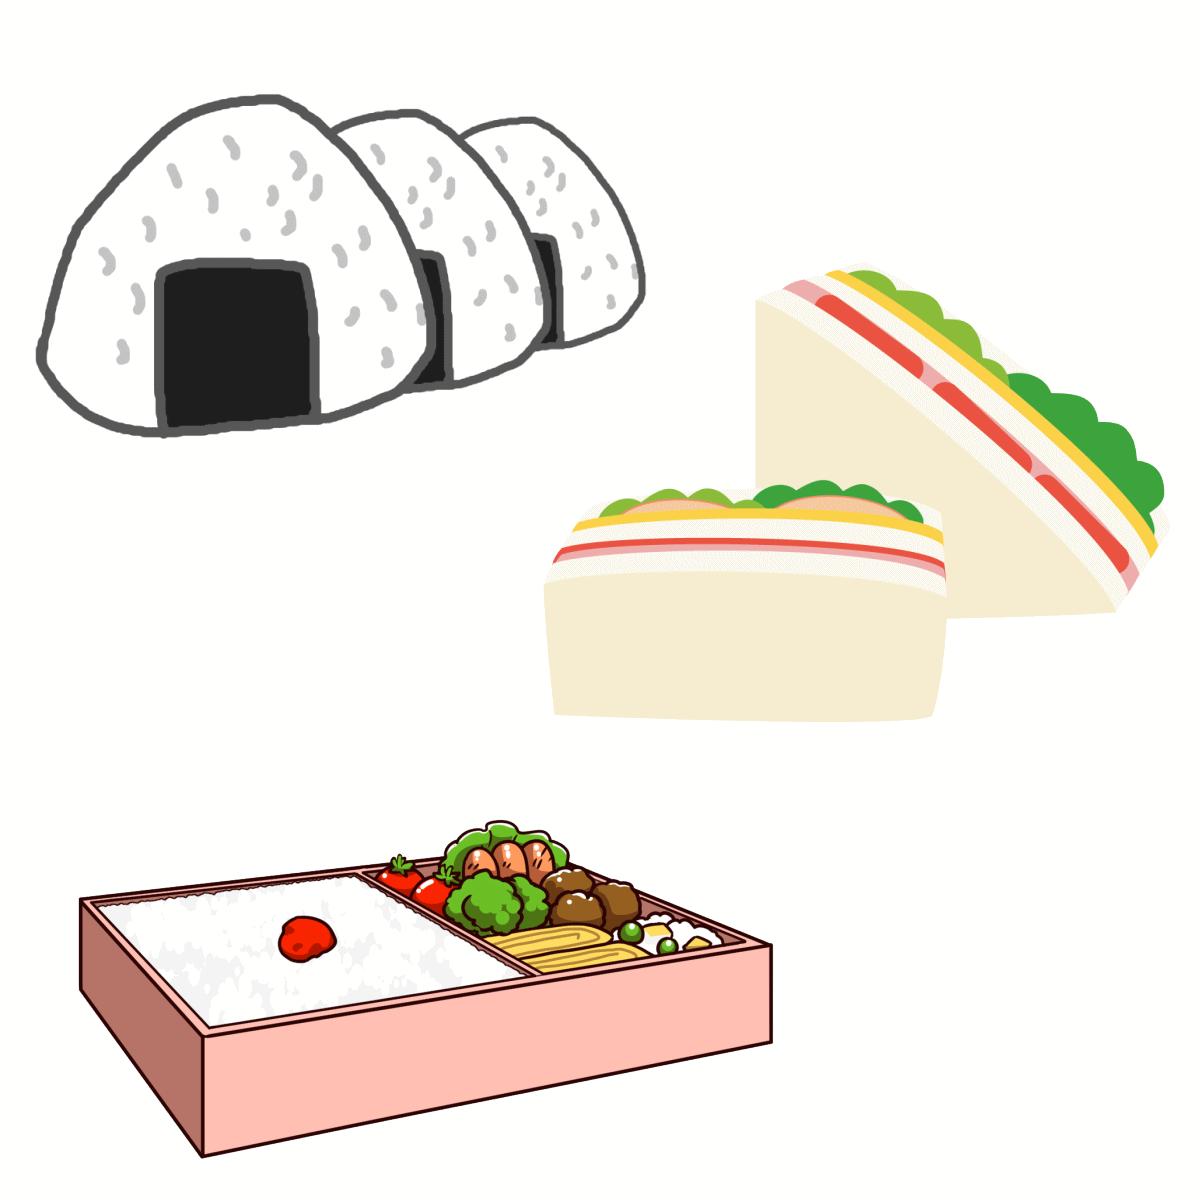 おにぎり、サンドイッチ、お弁当のイラスト